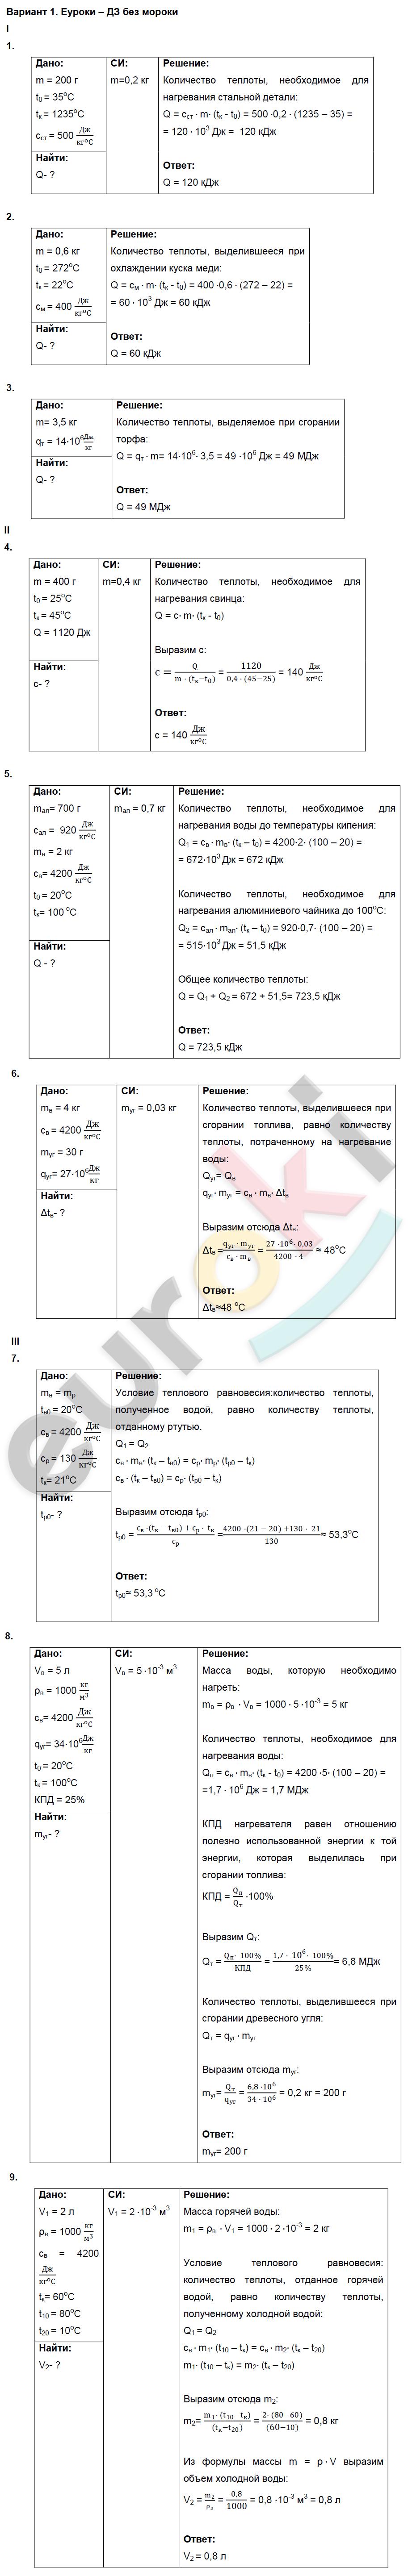 ГДЗ по физике 8 класс дидактические материалы Марон, Перышкин Контрольные работы, КР-1. Расчет количества теплоты. Задание: Вариант 1